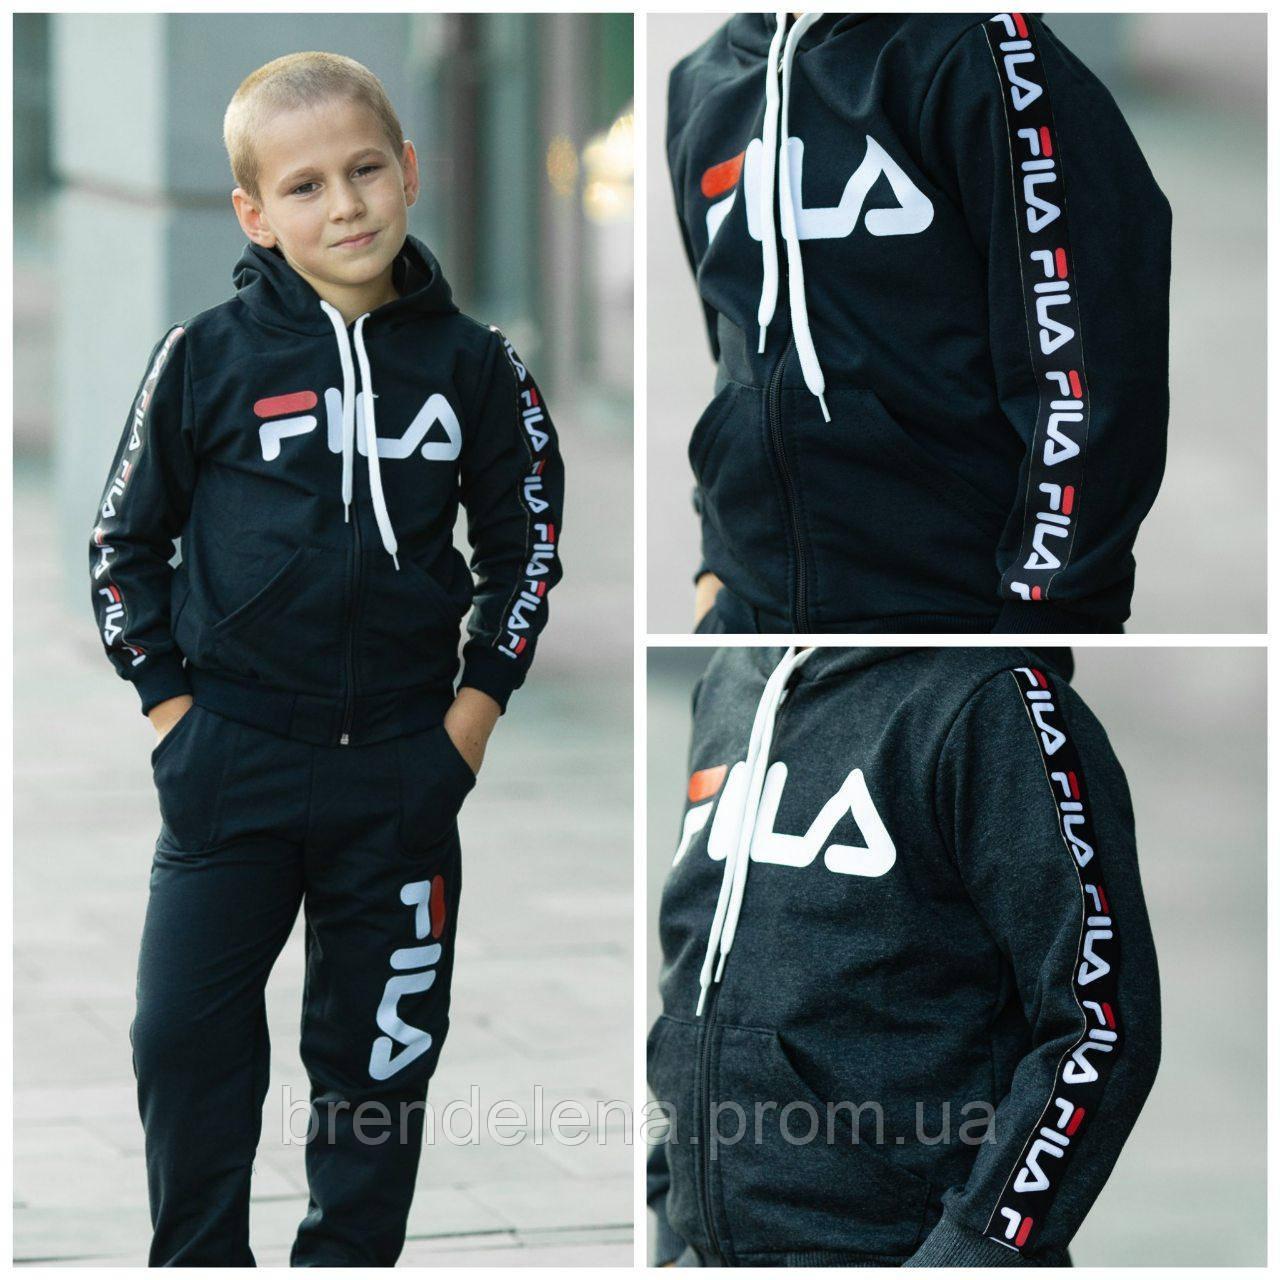 Трикотажный детский костюм спортивный для мальчика Fila (3-7 лет) 116